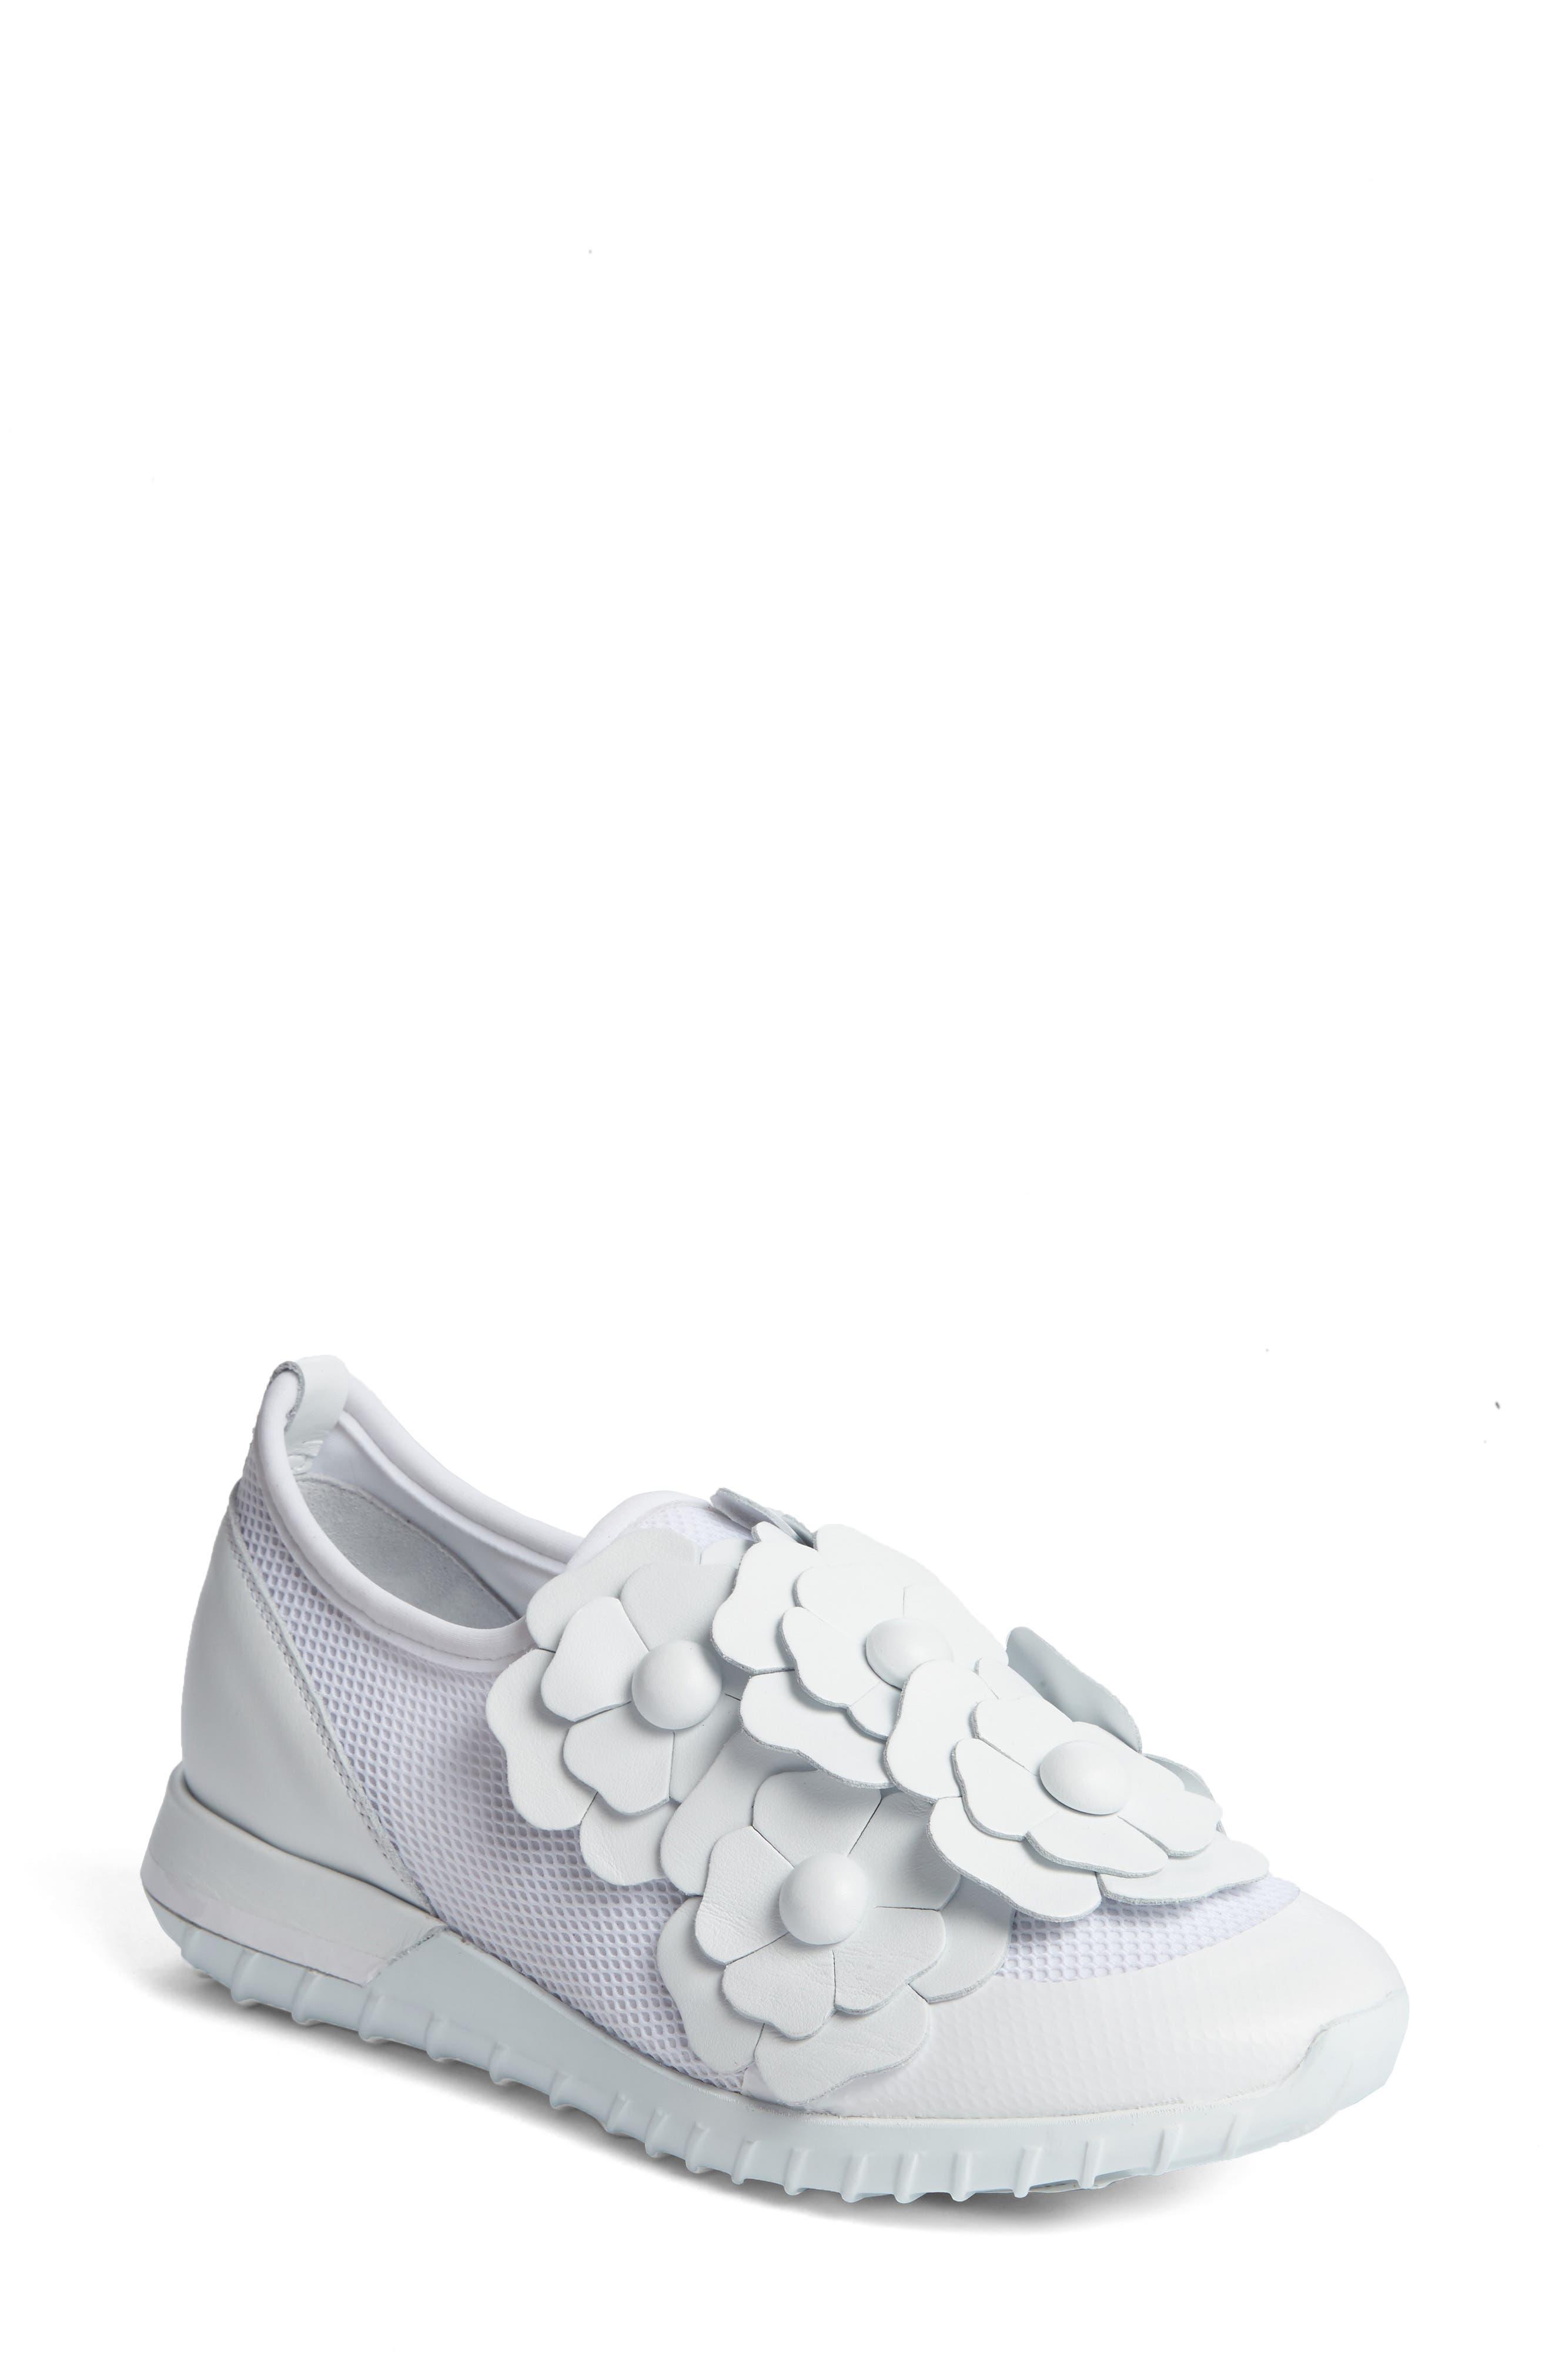 Emy Roseline Slip-On Sneaker,                         Main,                         color, White Leather